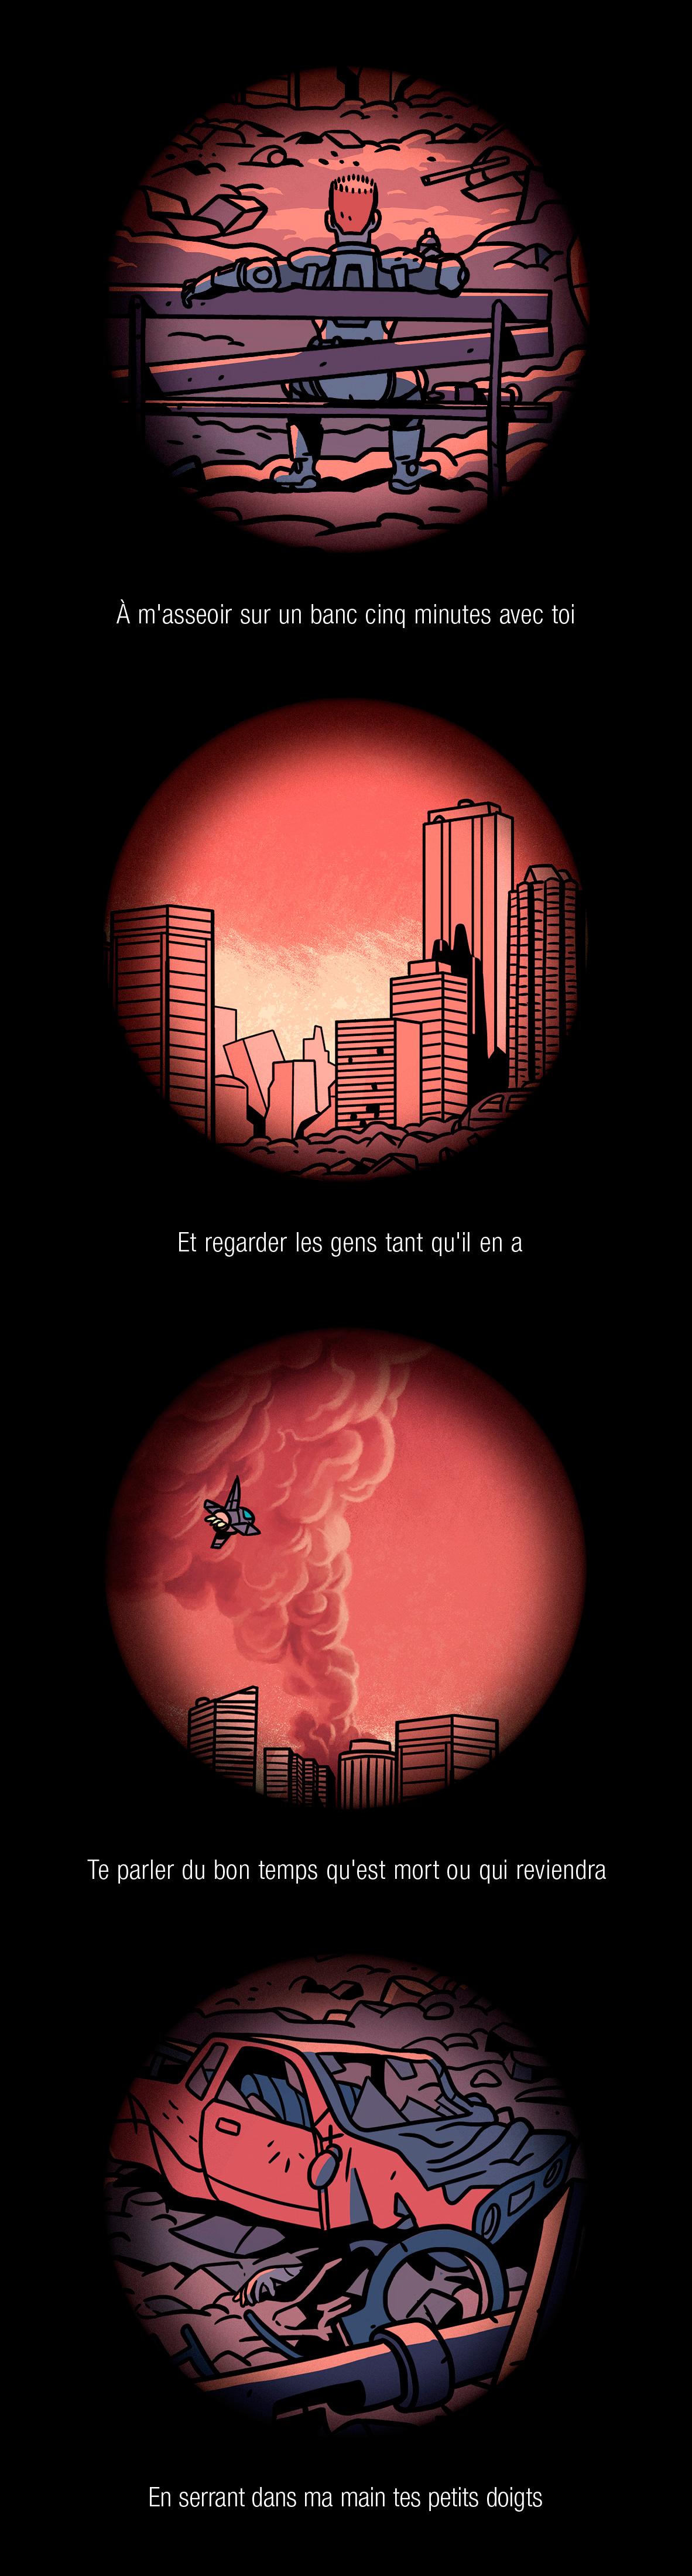 Chilling, affiche d'Aurélien Maury